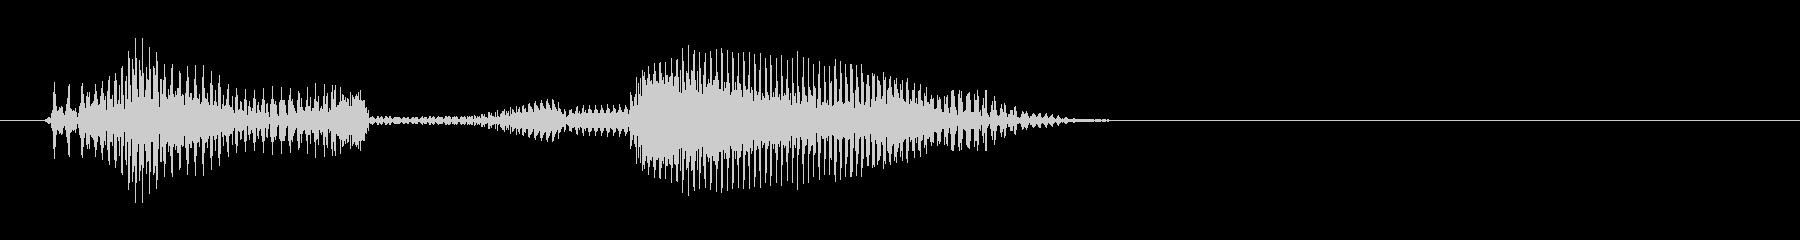 危ない!の未再生の波形